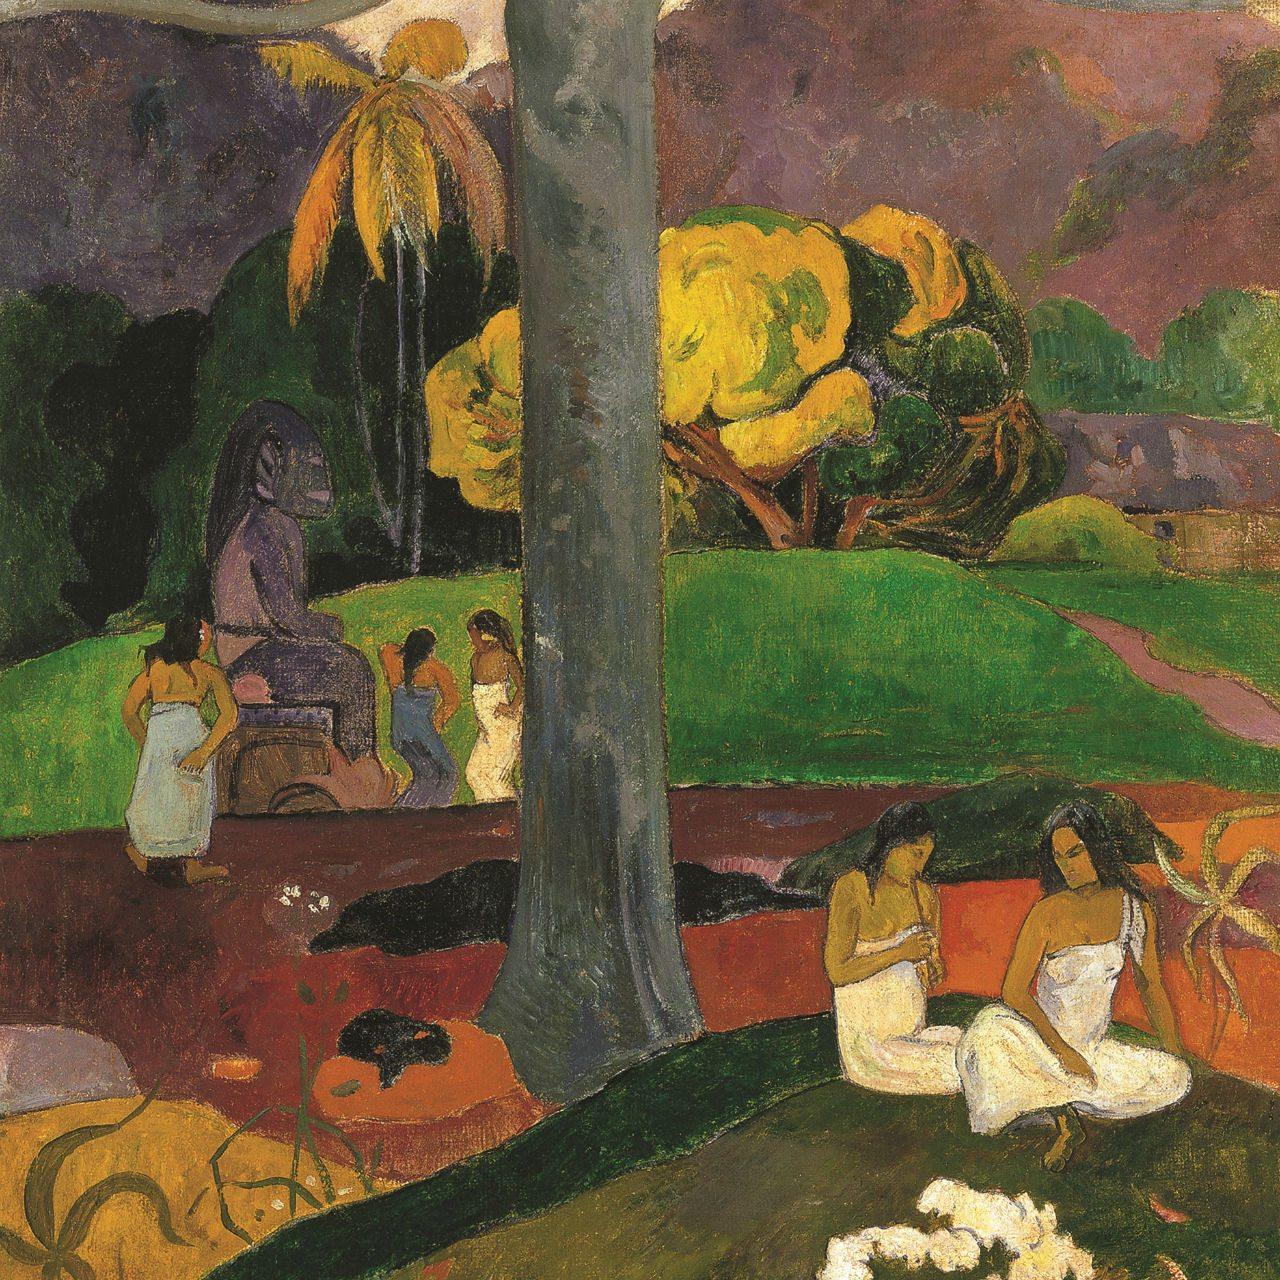 Joyas de la colección Paul Gauguin, Mata Mua 1891.